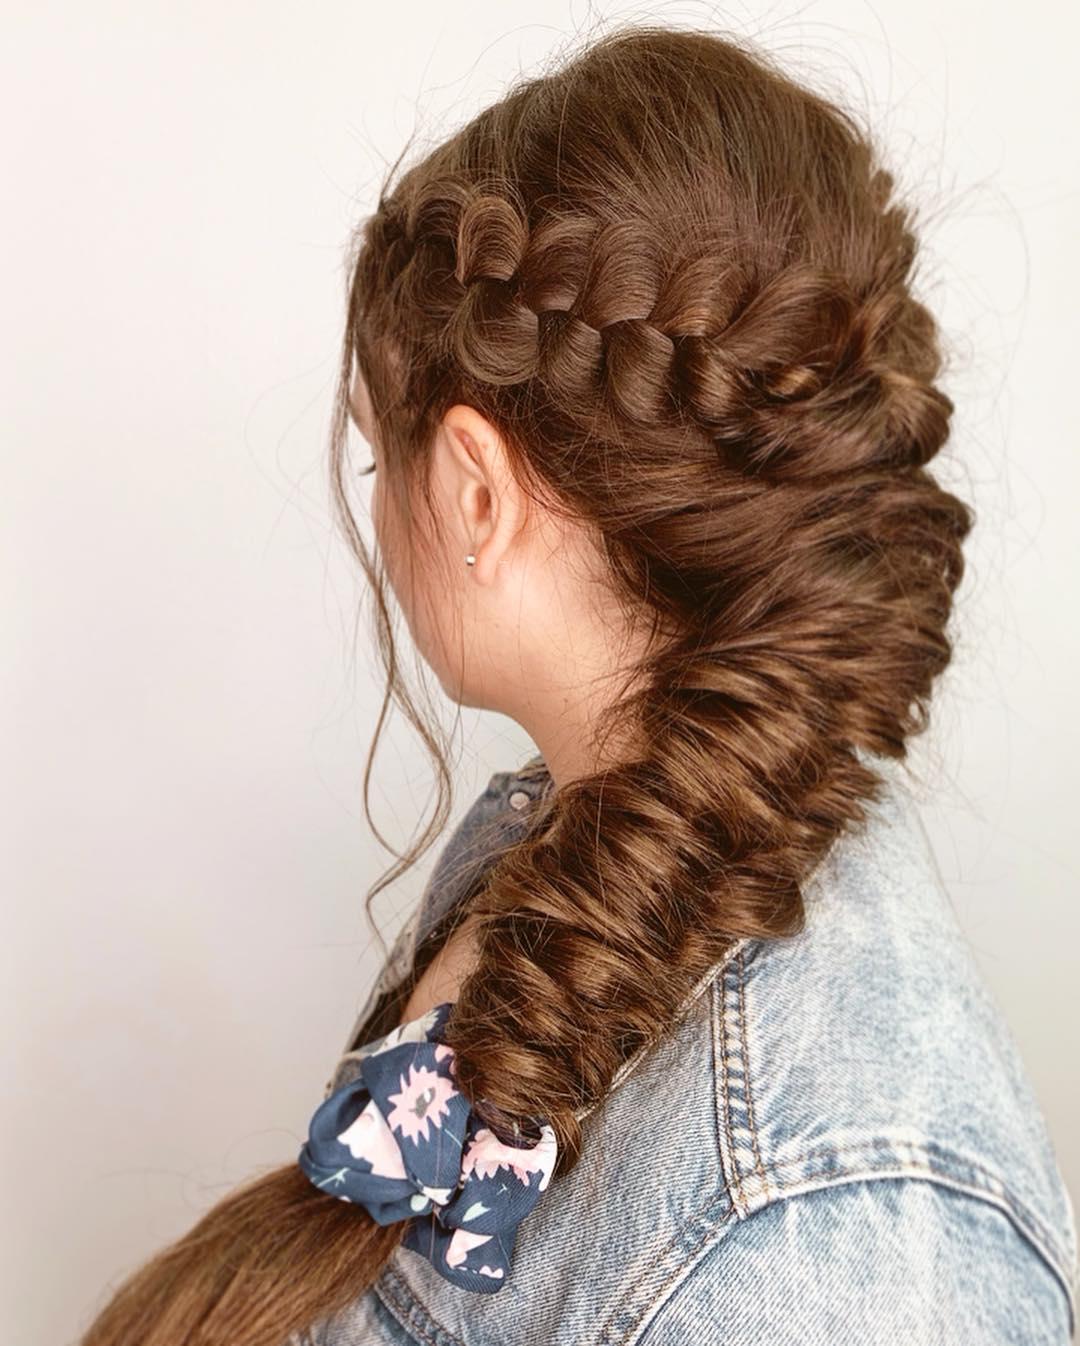 Novas-tendências-de-cabelo-para-fashionistas:-Penteados-modernos